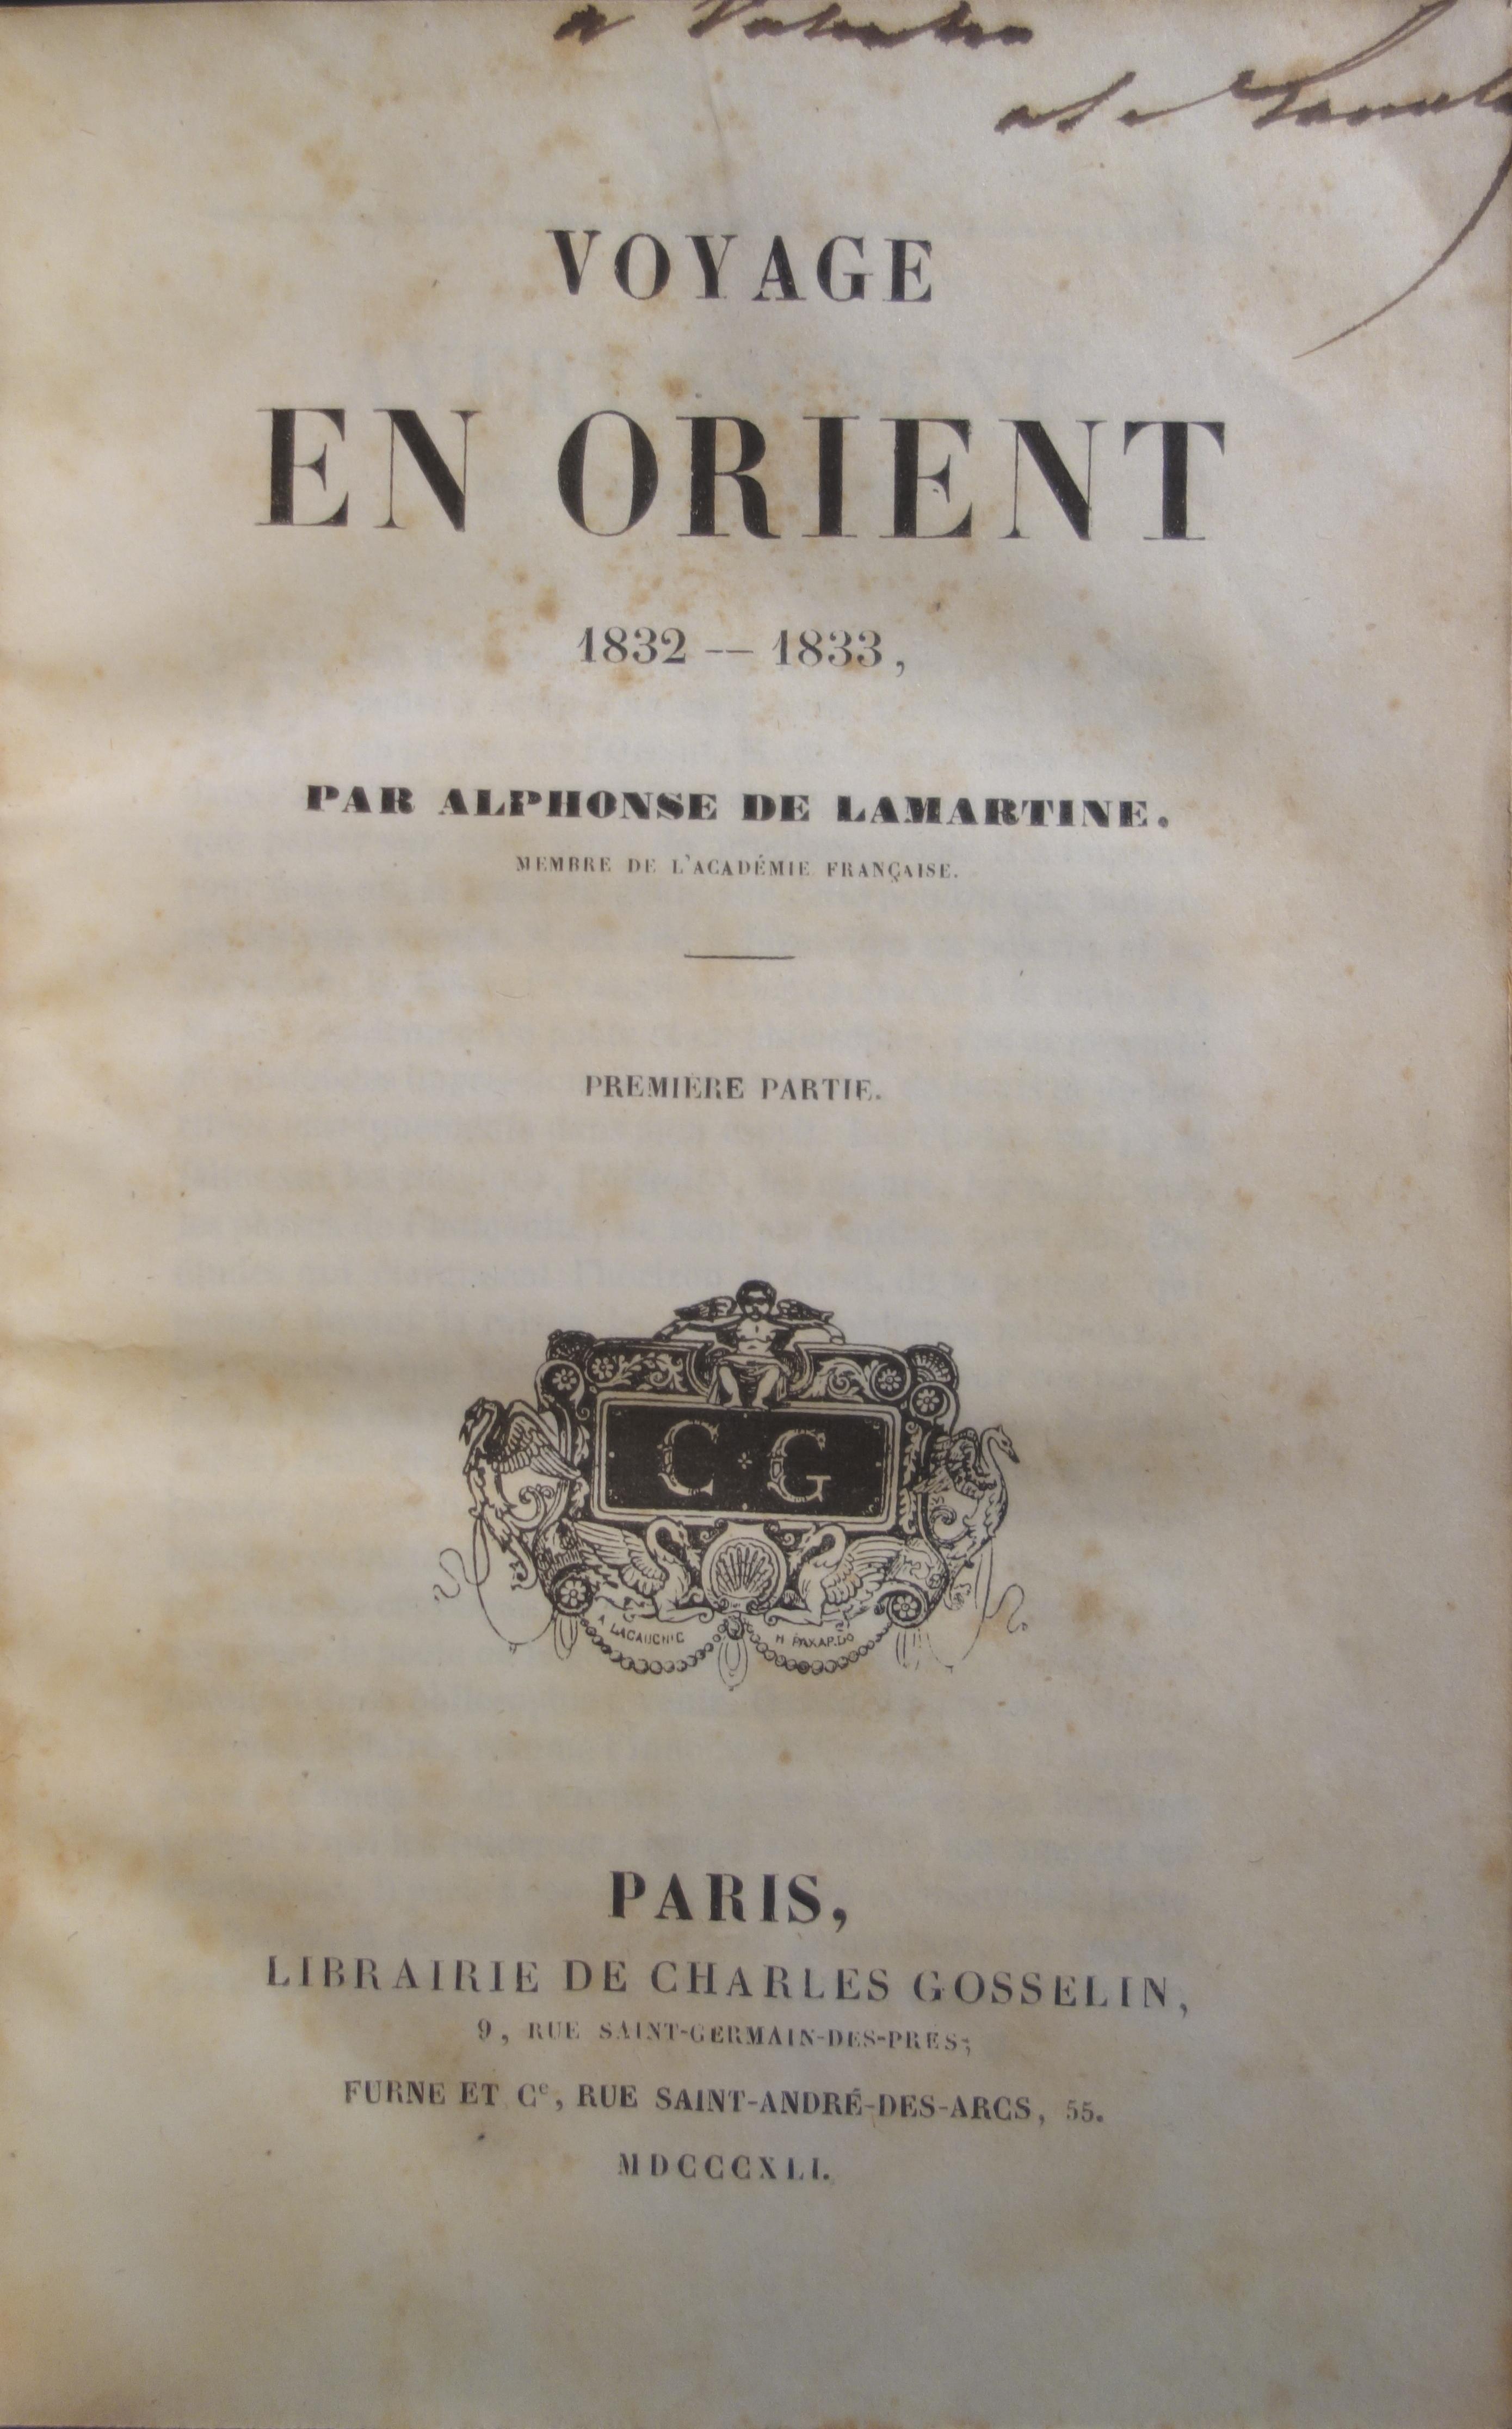 1821 ans une petite galipette sanns vergogne dans le pub - 3 10